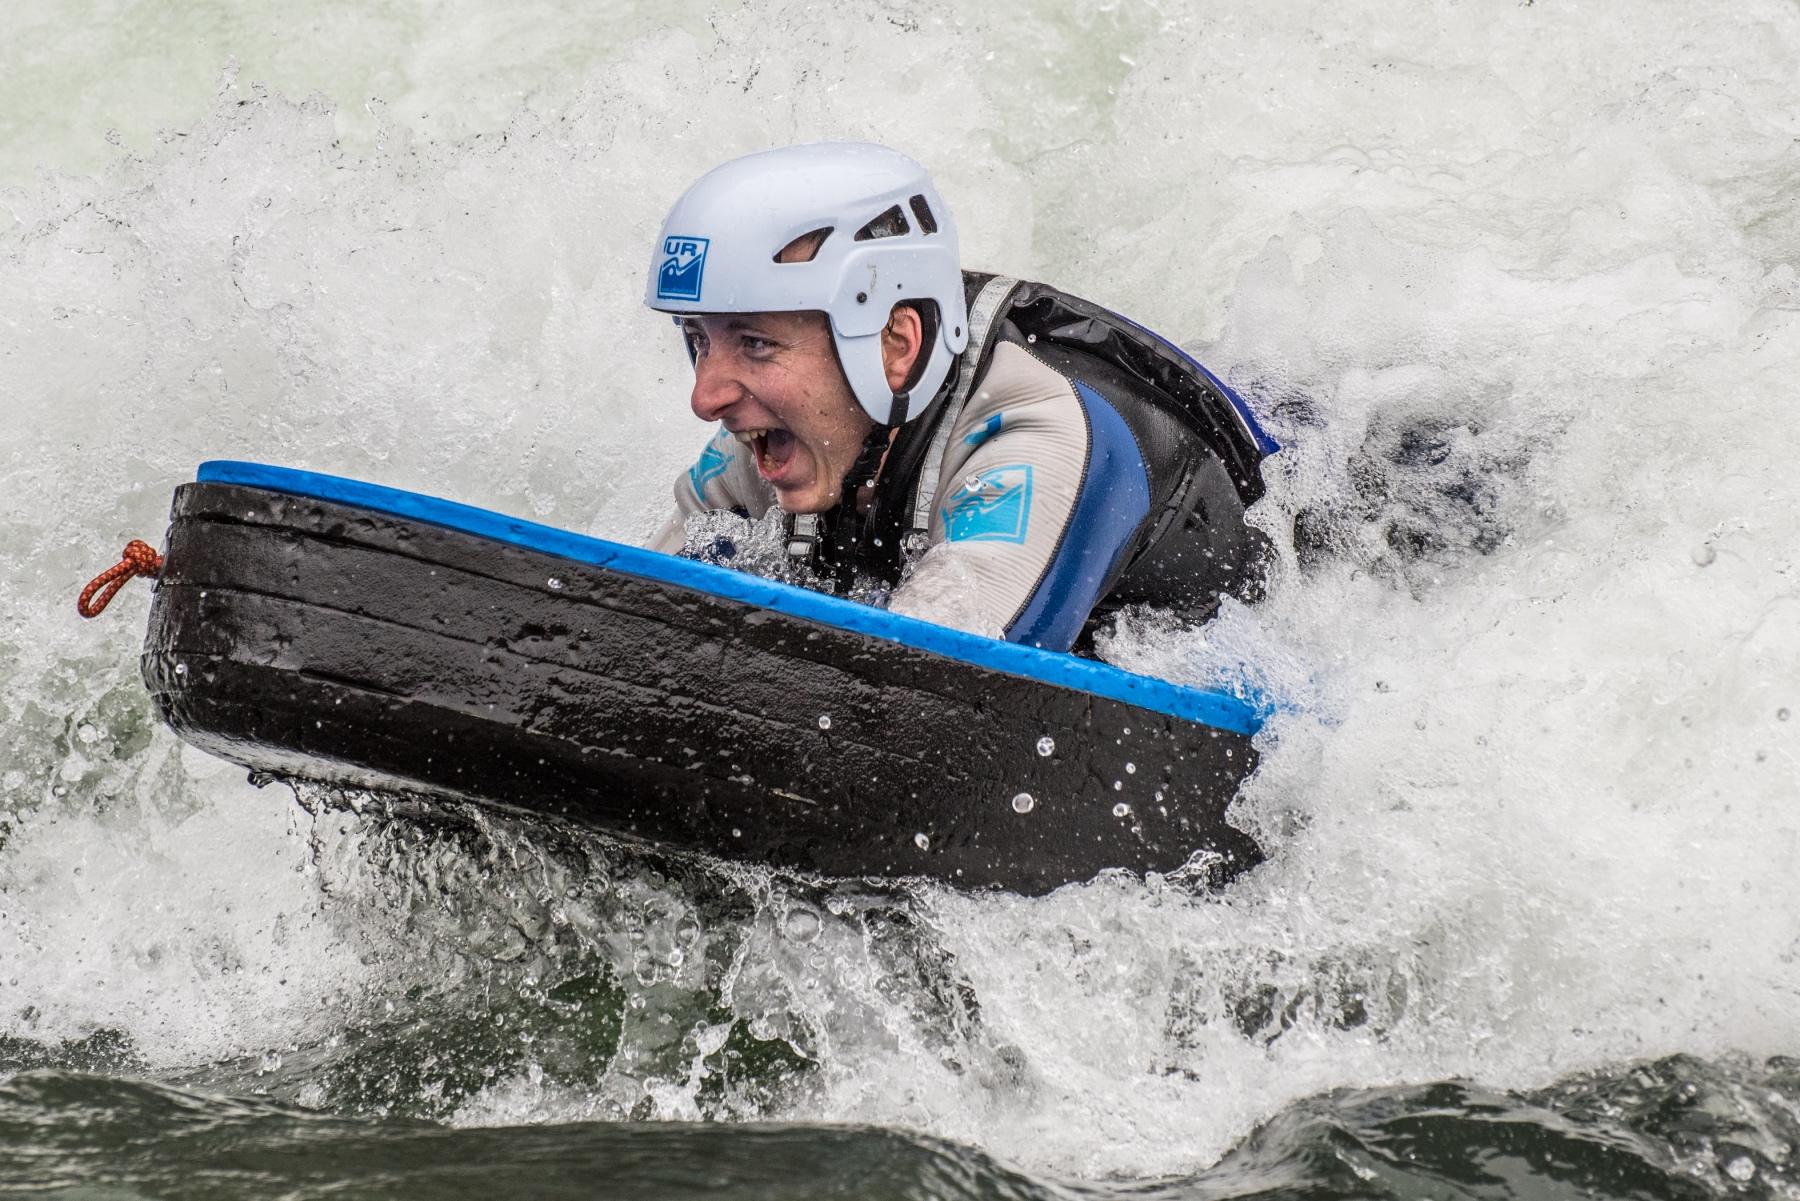 Deportes-de-aventura-y-deportes-extremos-con-UR-pirineos-Mallos-de-Riglos-1_Fotor